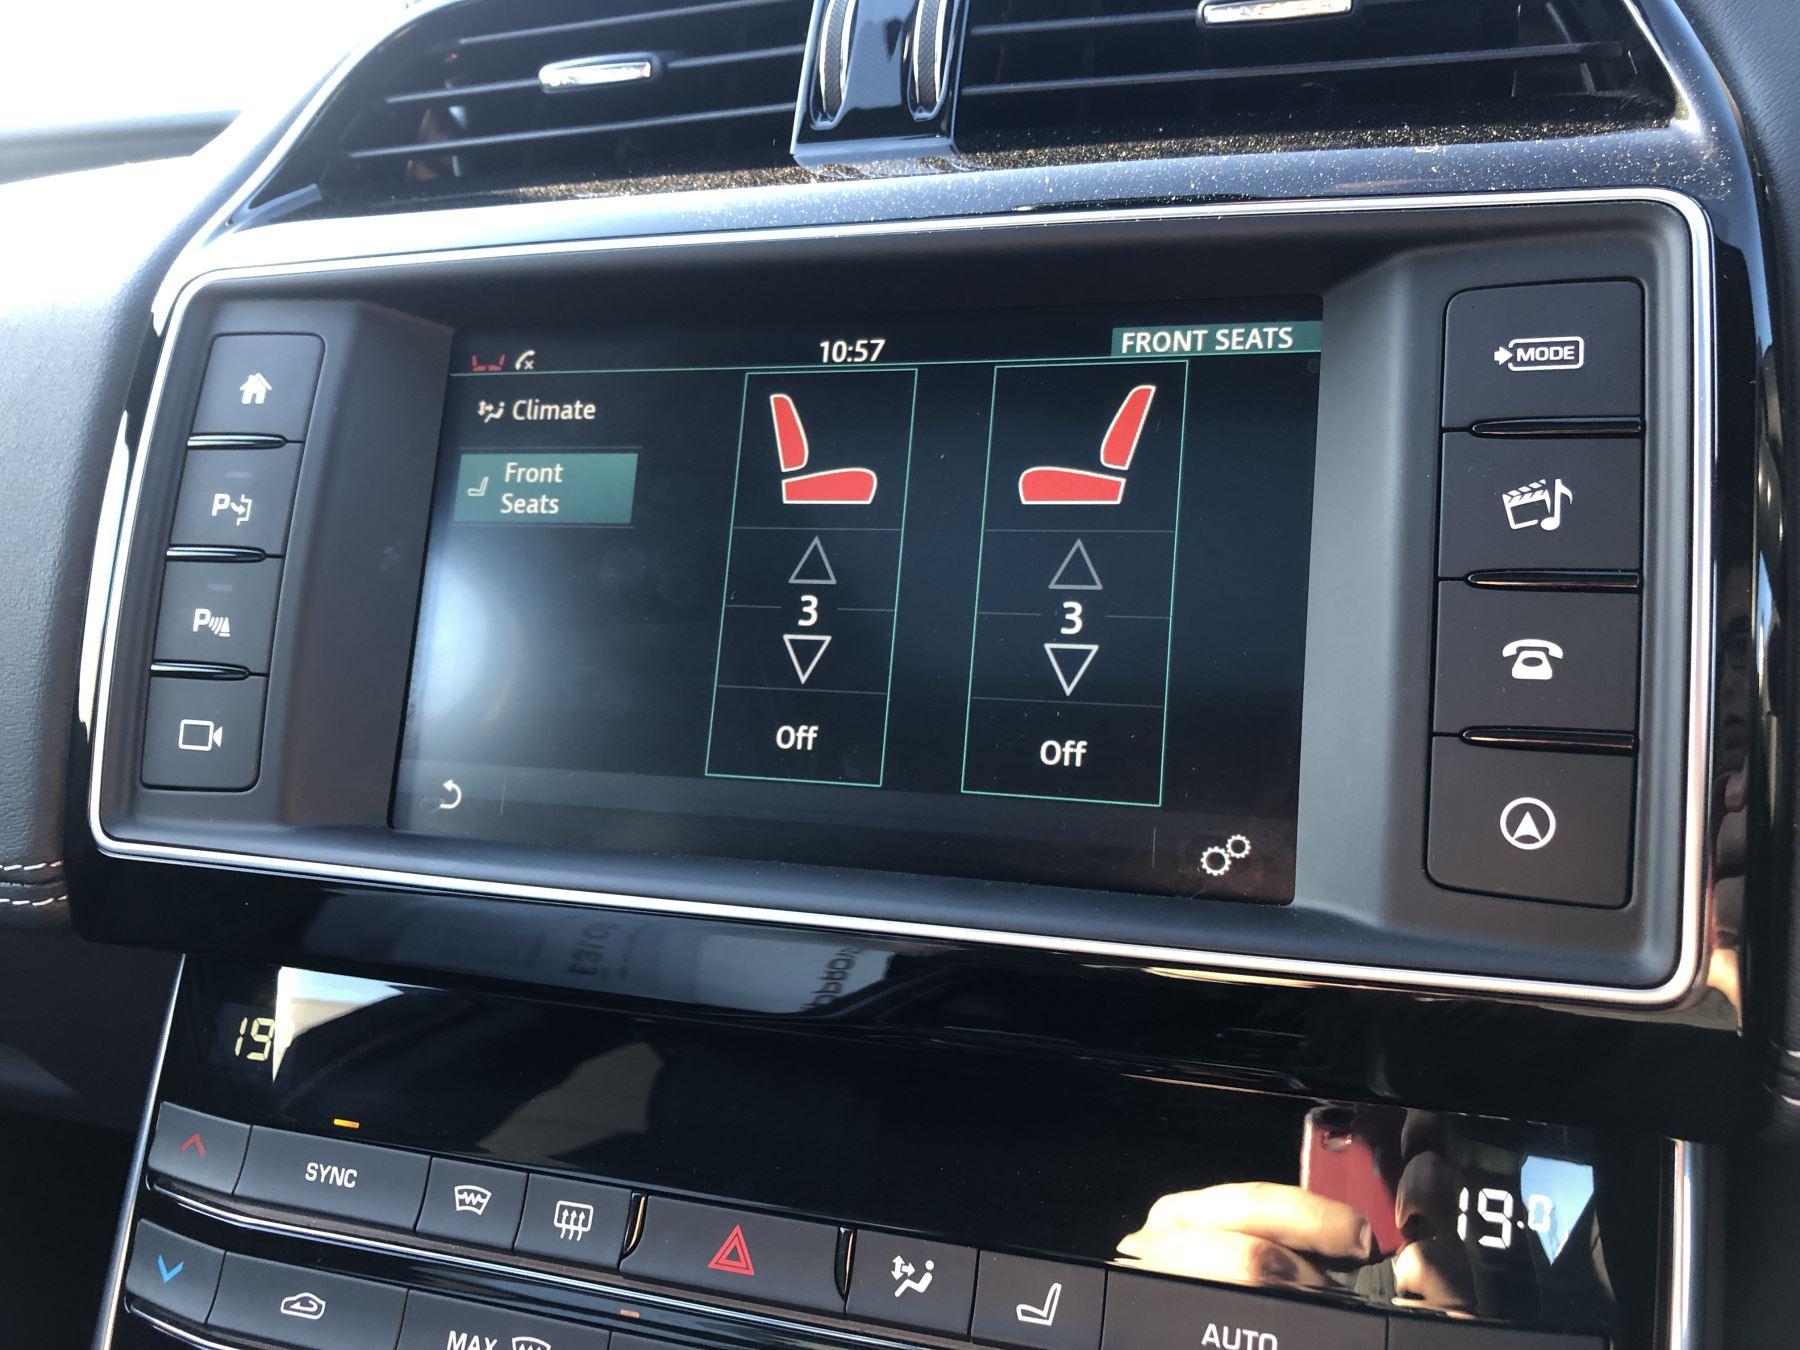 Jaguar XE 3.0 [380] V6 Supercharged S image 14